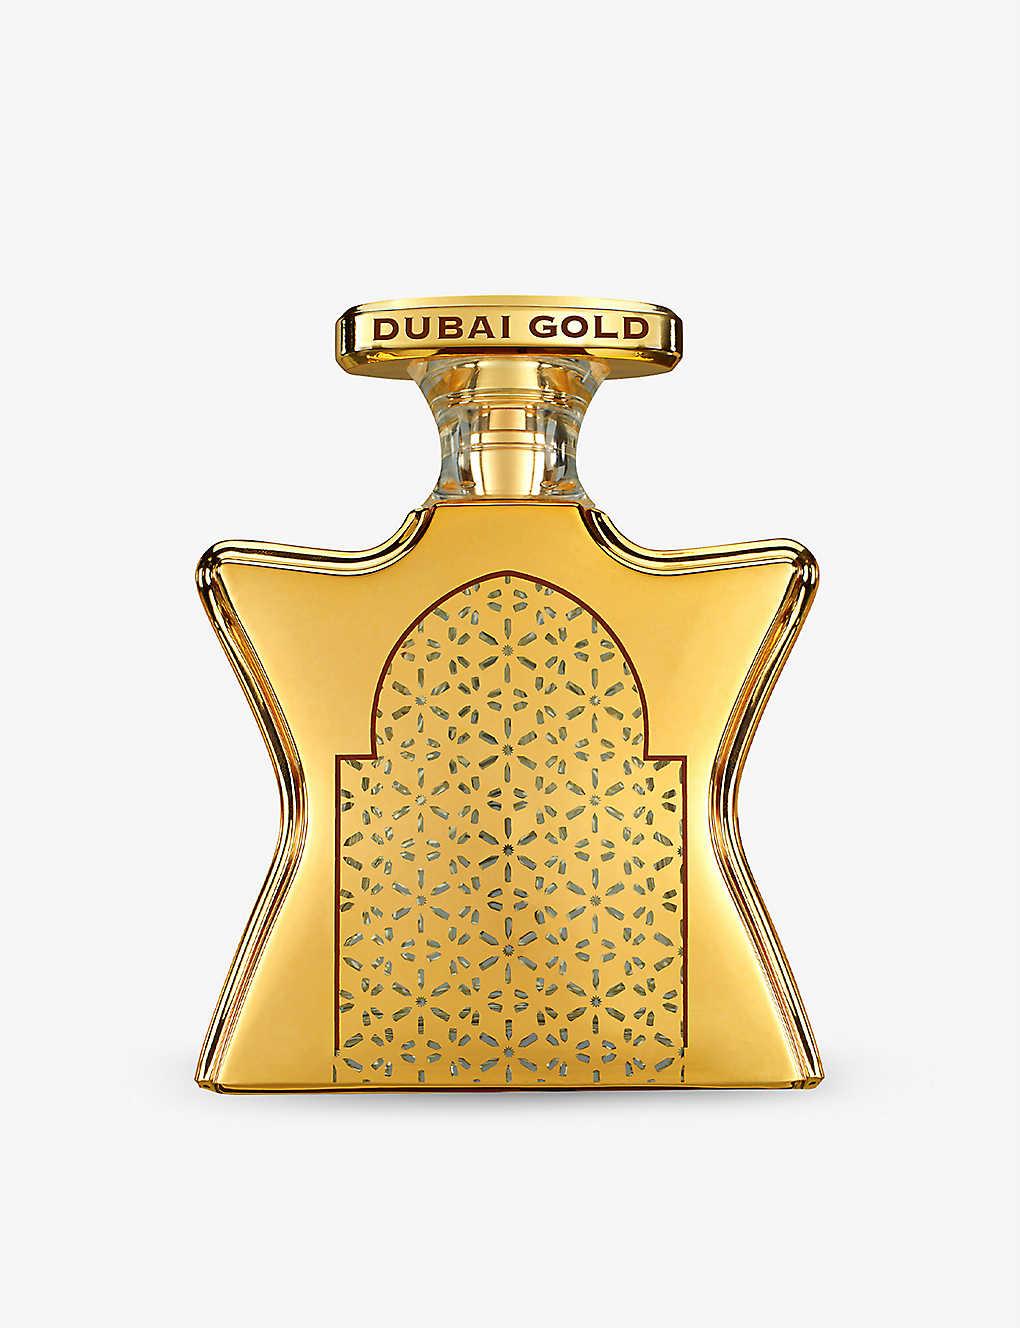 cb2a41da727e BOND NO. 9 - Dubai Gold eau de parfum